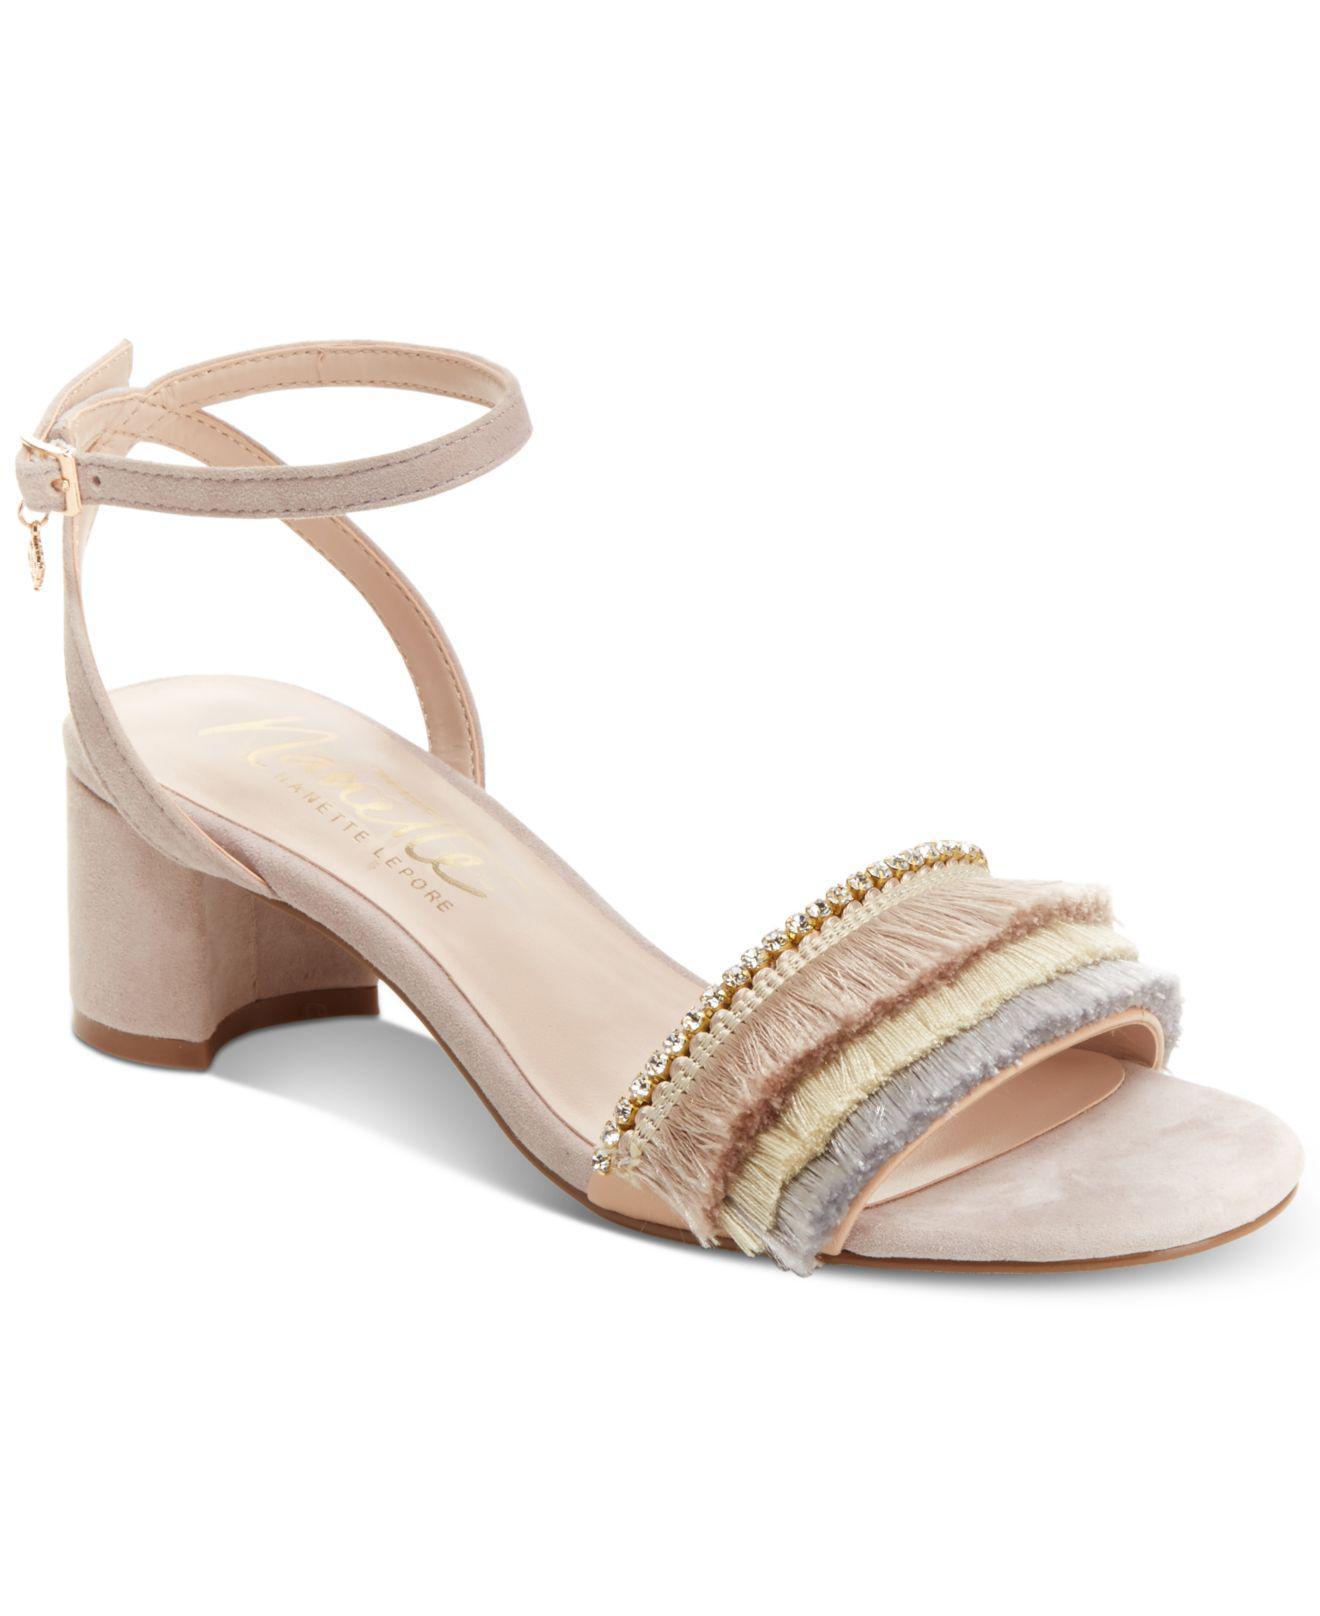 Nanette Lepore Darla Fringed Dress Sandals Women's Shoes SCHvUmkh